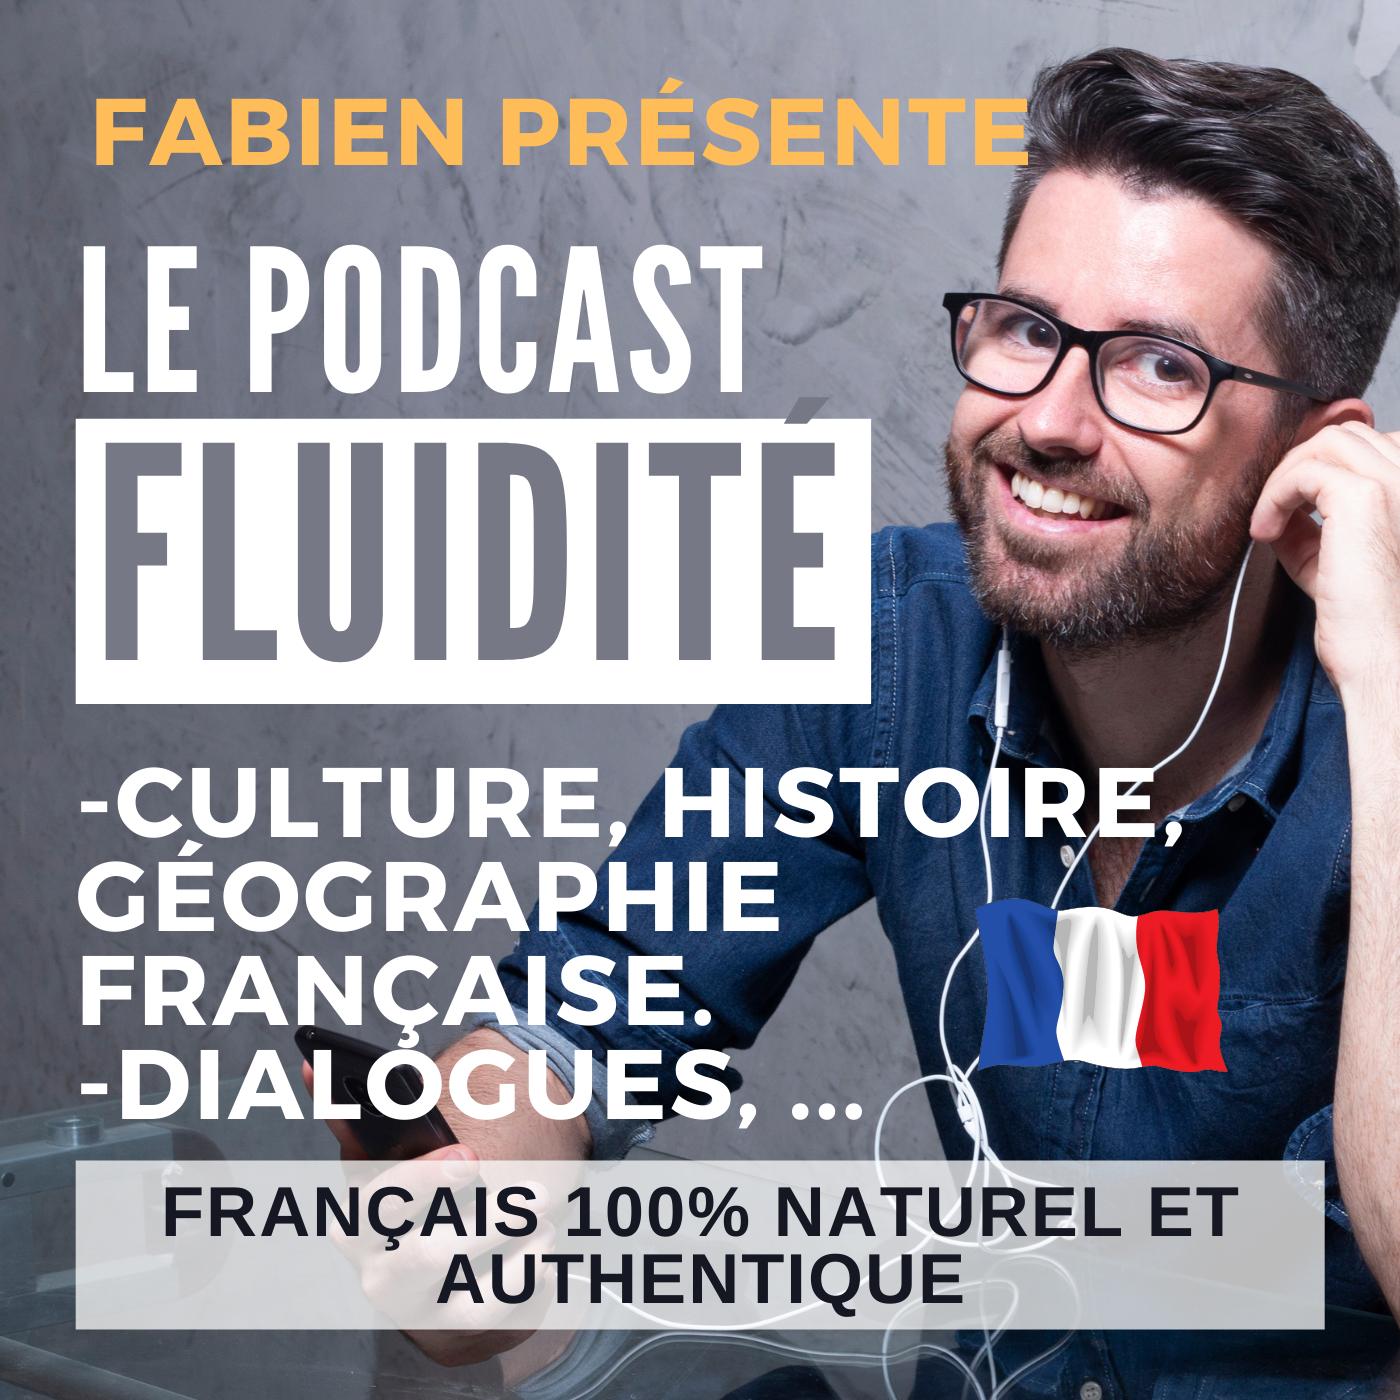 Les habitudes alimentaires des Français - Dialogue 3